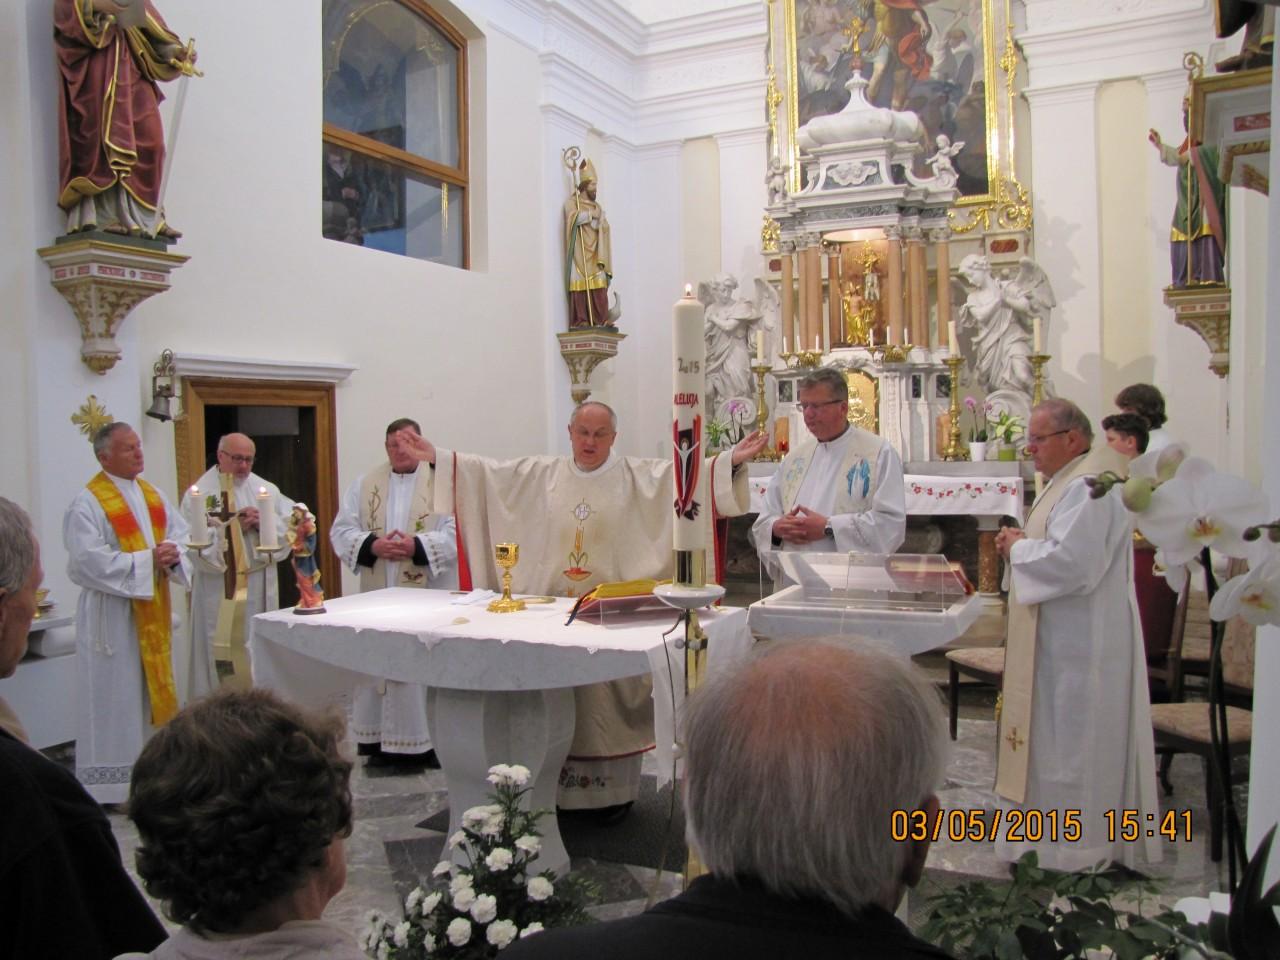 Mašo daroval Jože Treven v somaševanju petih duhovnikov